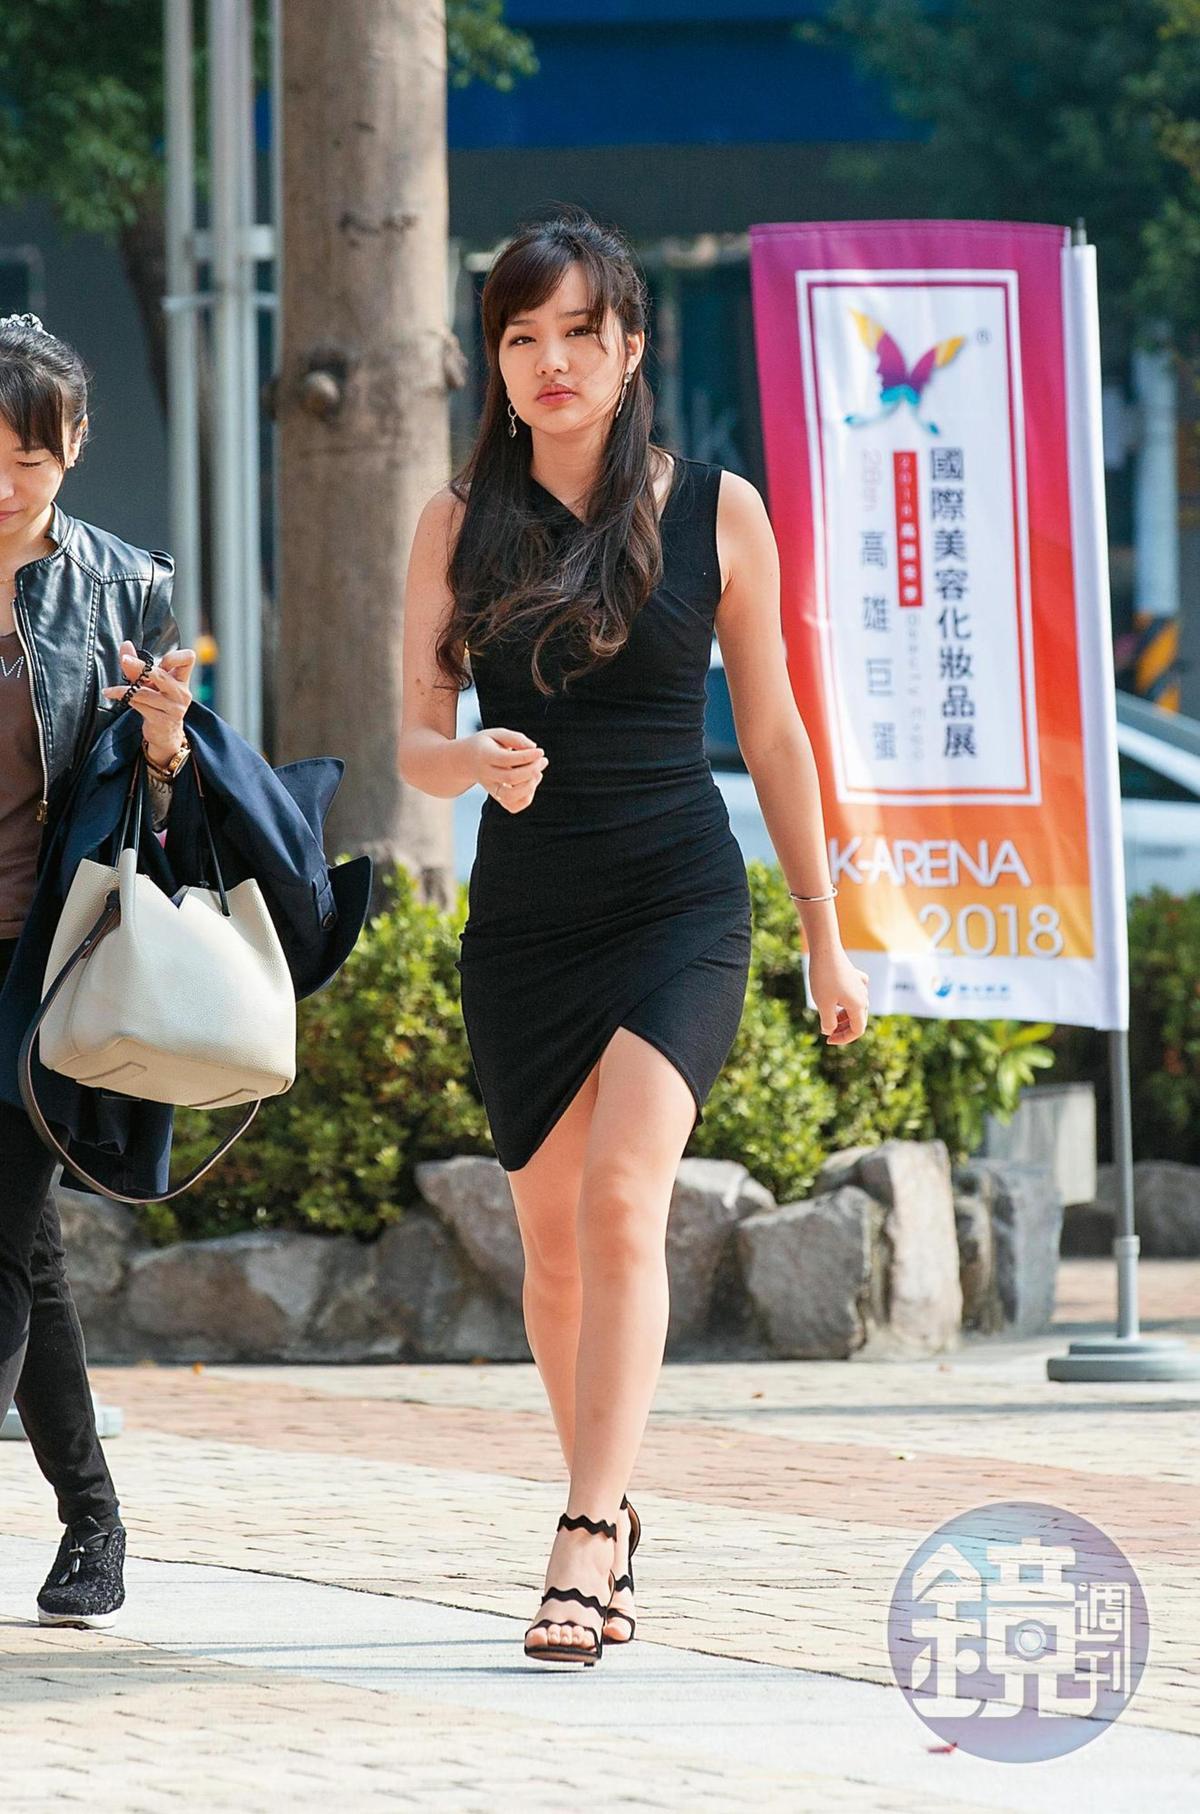 韓冰是剛結束的高雄市長選舉中的風雲人物,爸爸韓國瑜當選,她功不可沒。